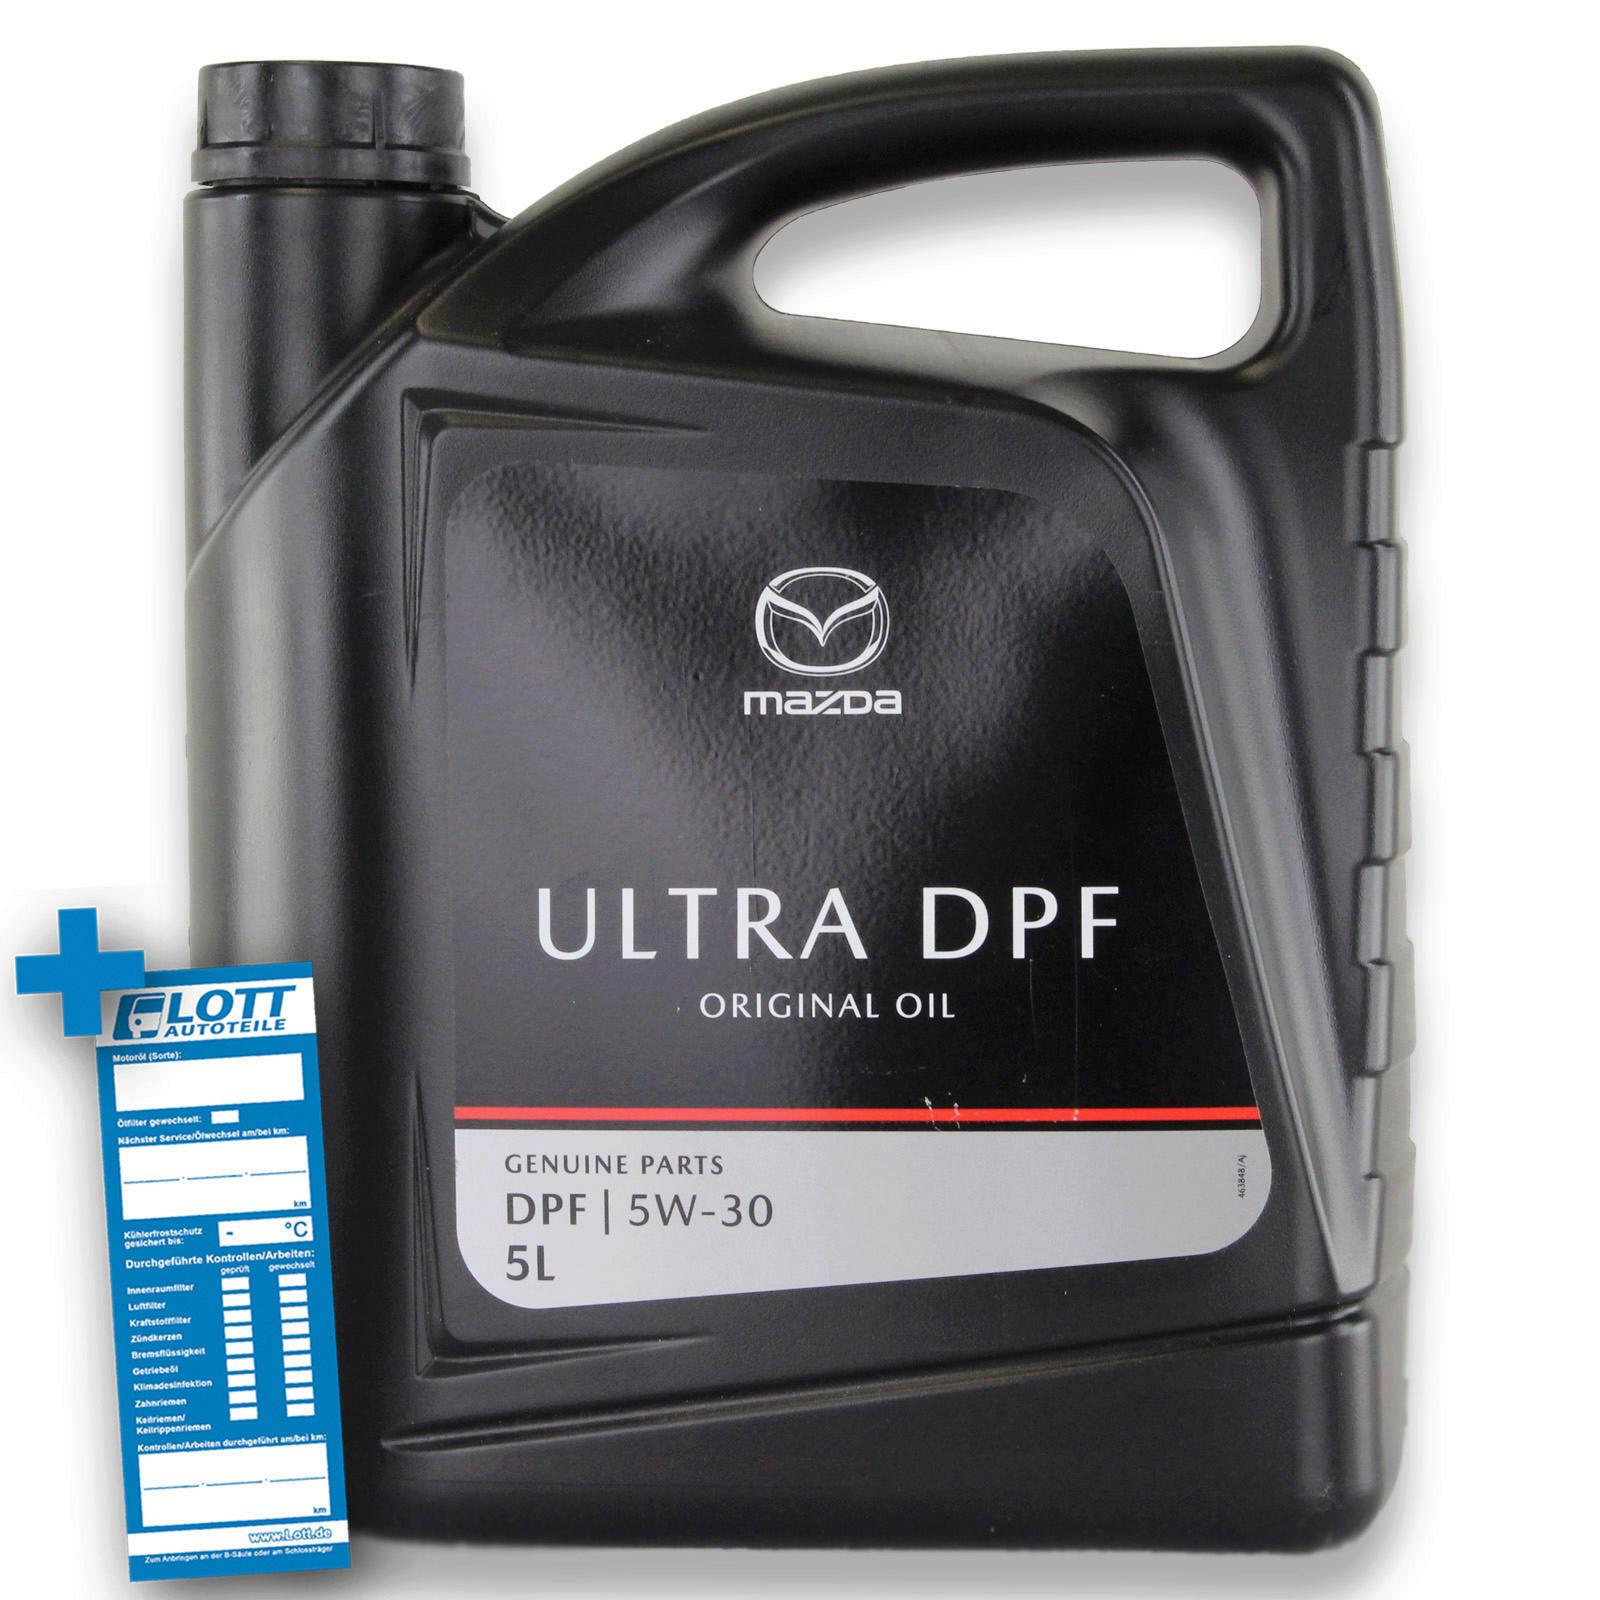 5L Original MAZDA Motoröl Ultra DPF 5W-30